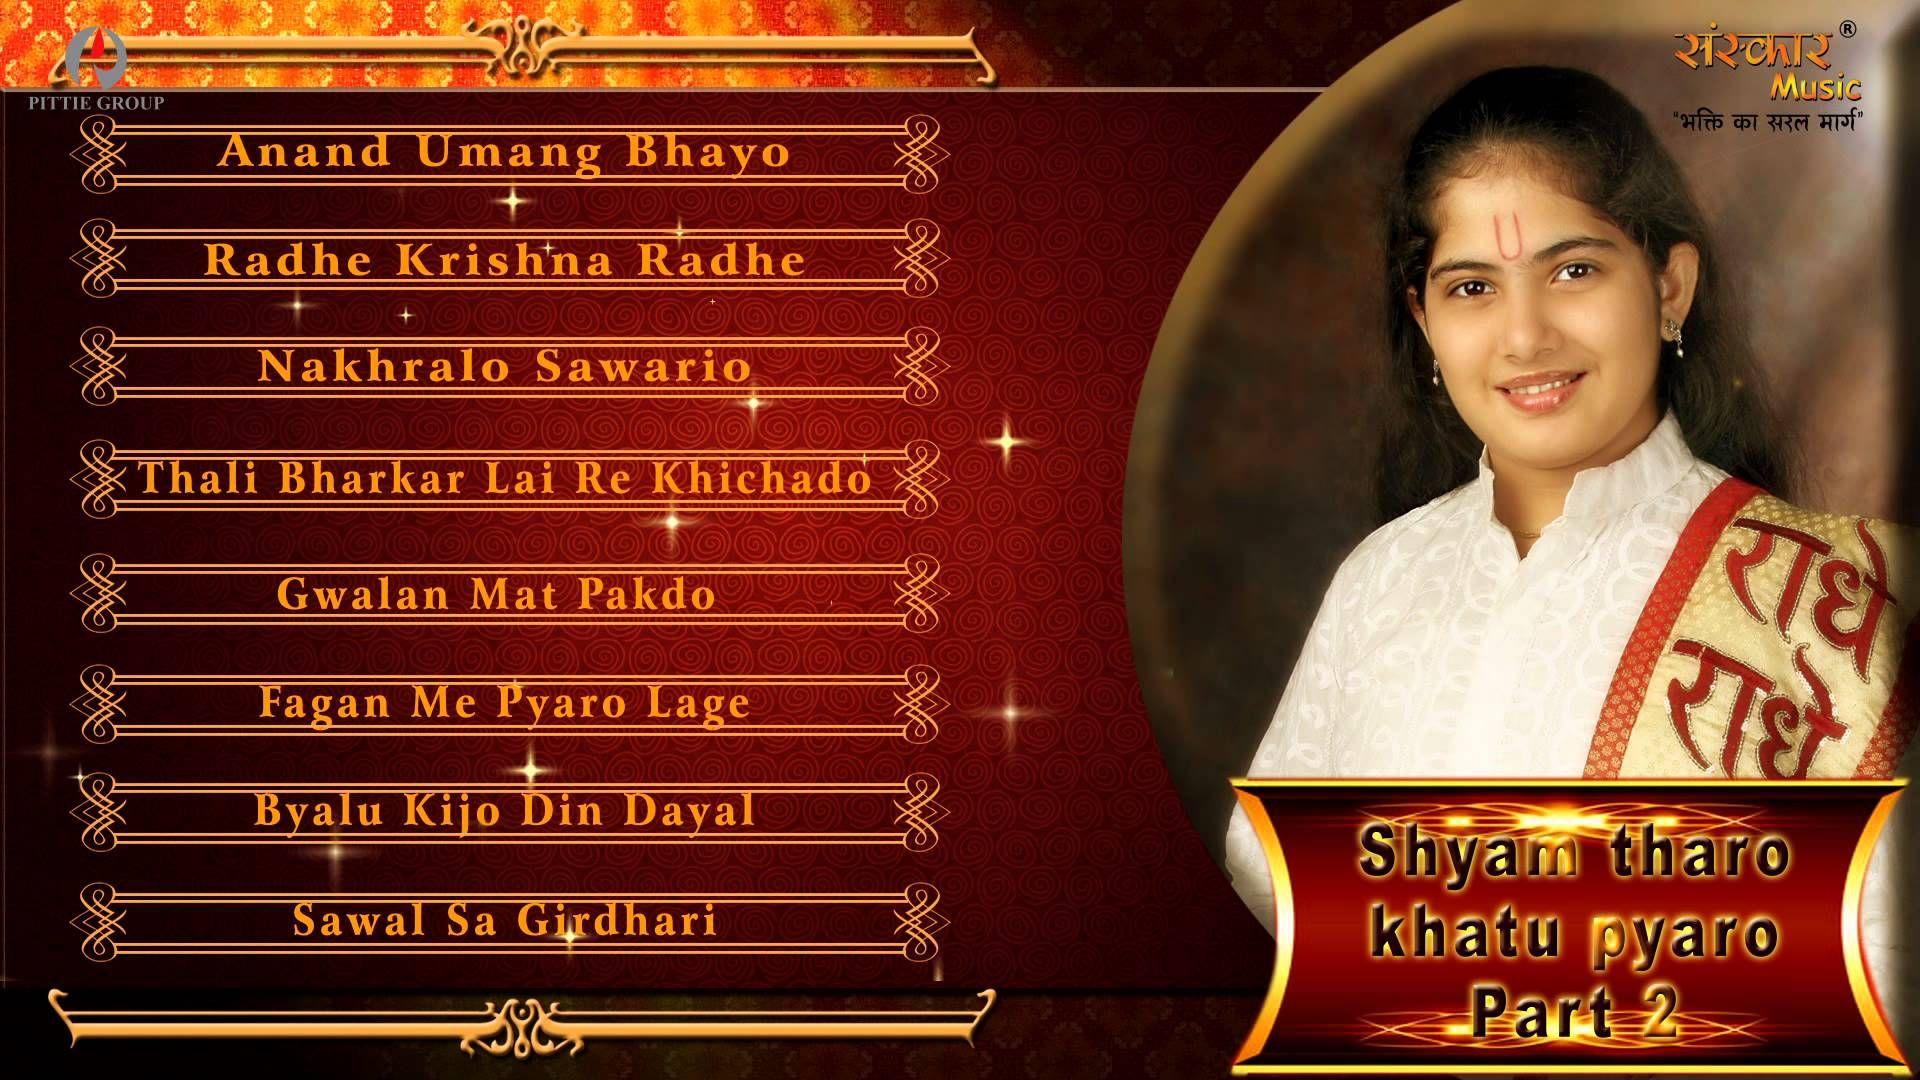 Shyam Tharo Khatu Pyaro Part 2 Jaya Kishori Juke Box Krishna Bhajans And Shyam Khatu Bhajans In The Beautiful Voic Jukebox Krishna Bhajan Beautiful Voice